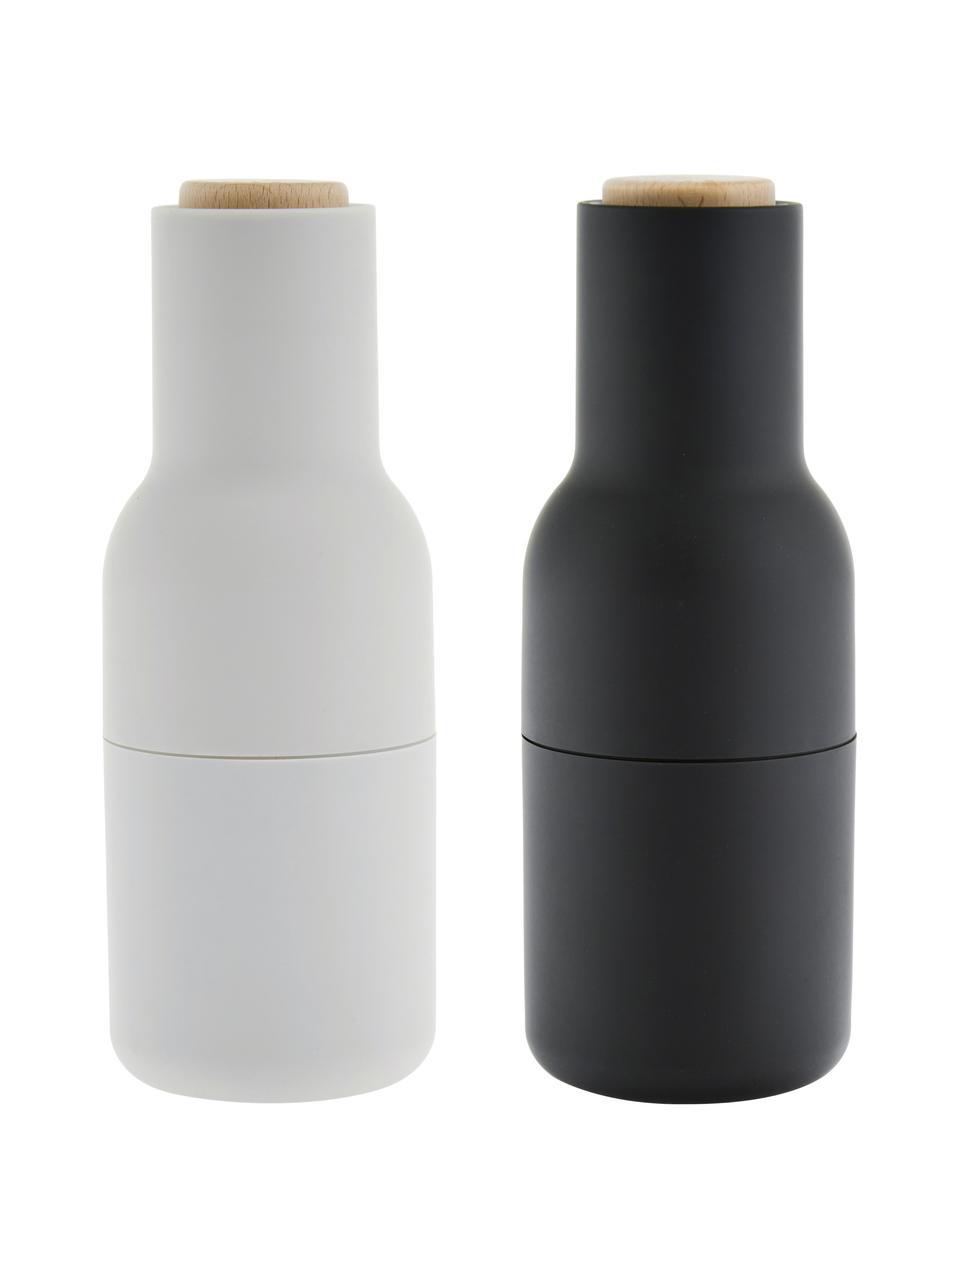 Komplet młynków do soli i pieprzu Bottle Grinder, 2elem., Korpus: tworzywo sztuczne, Antracytowy, jasny szary, brązowy, Ø 8 x W 21 cm